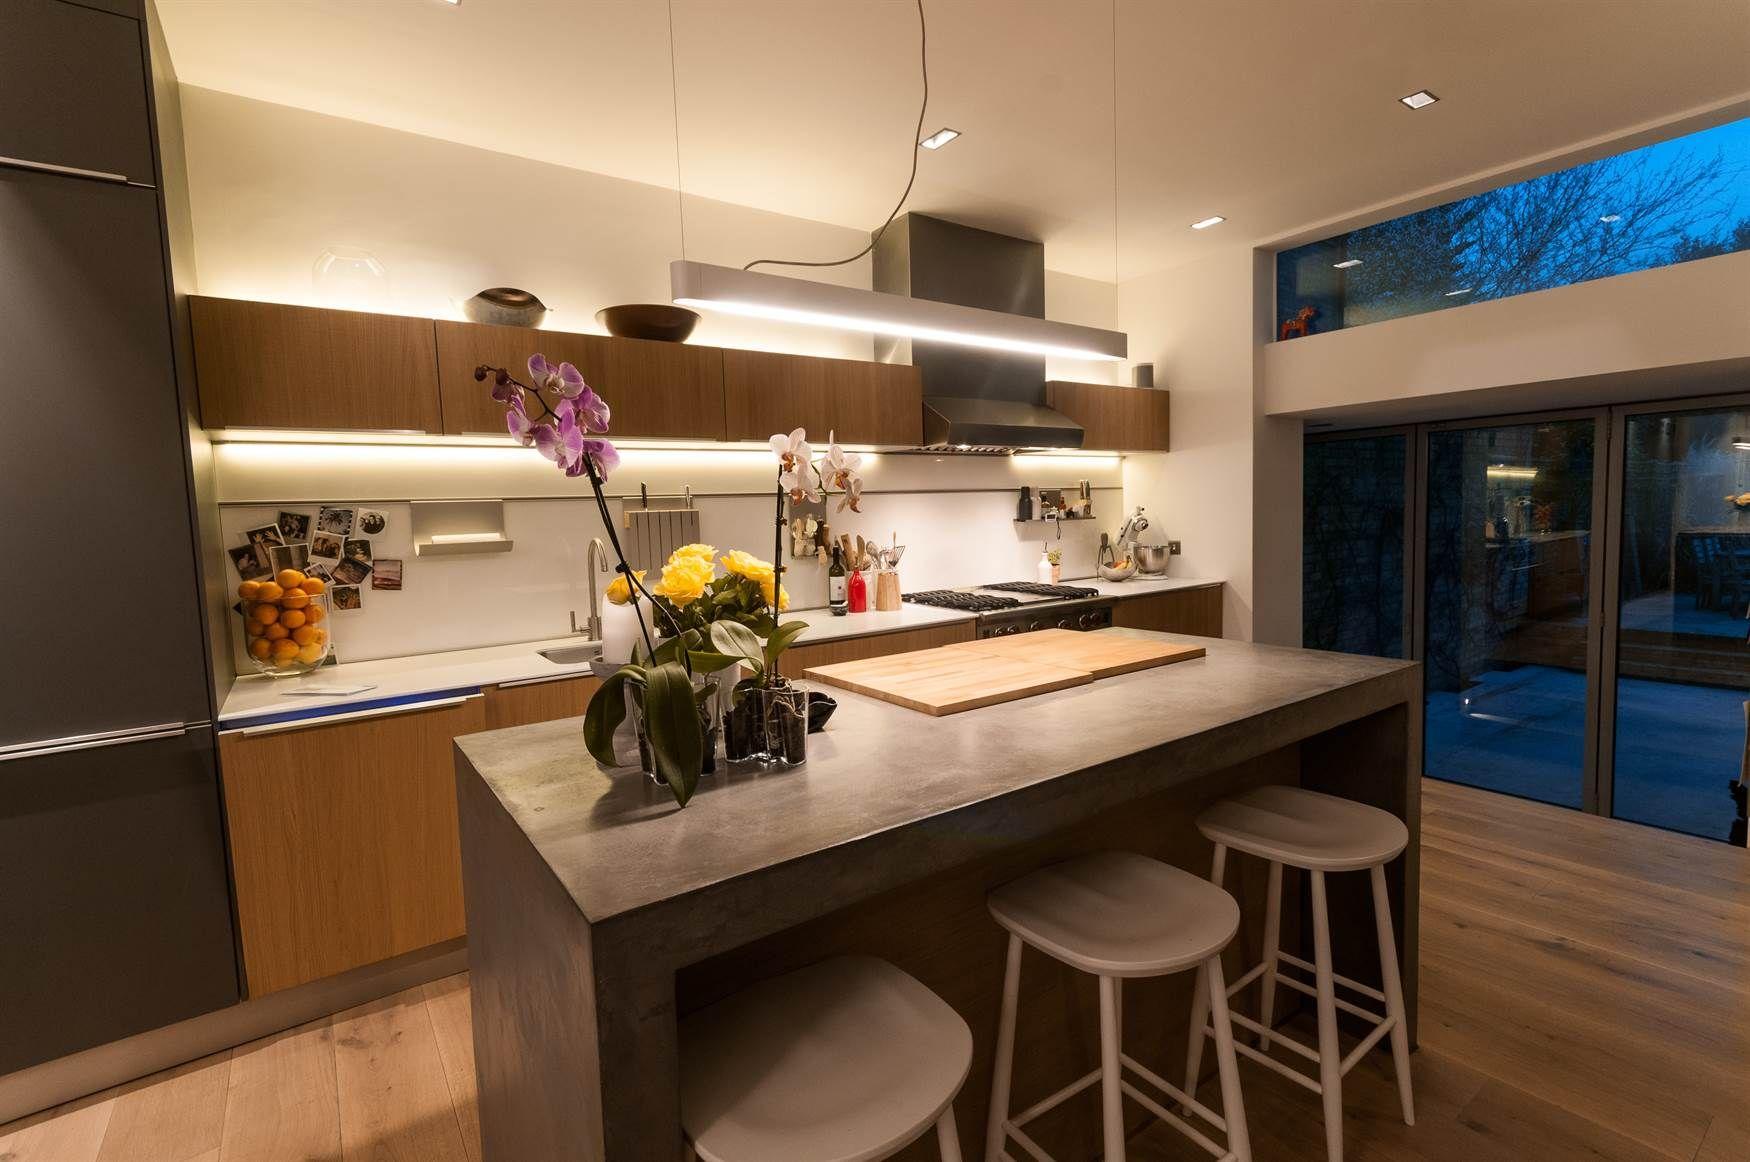 Kitchen Lighting Design Mr Resistor LED tape above and under